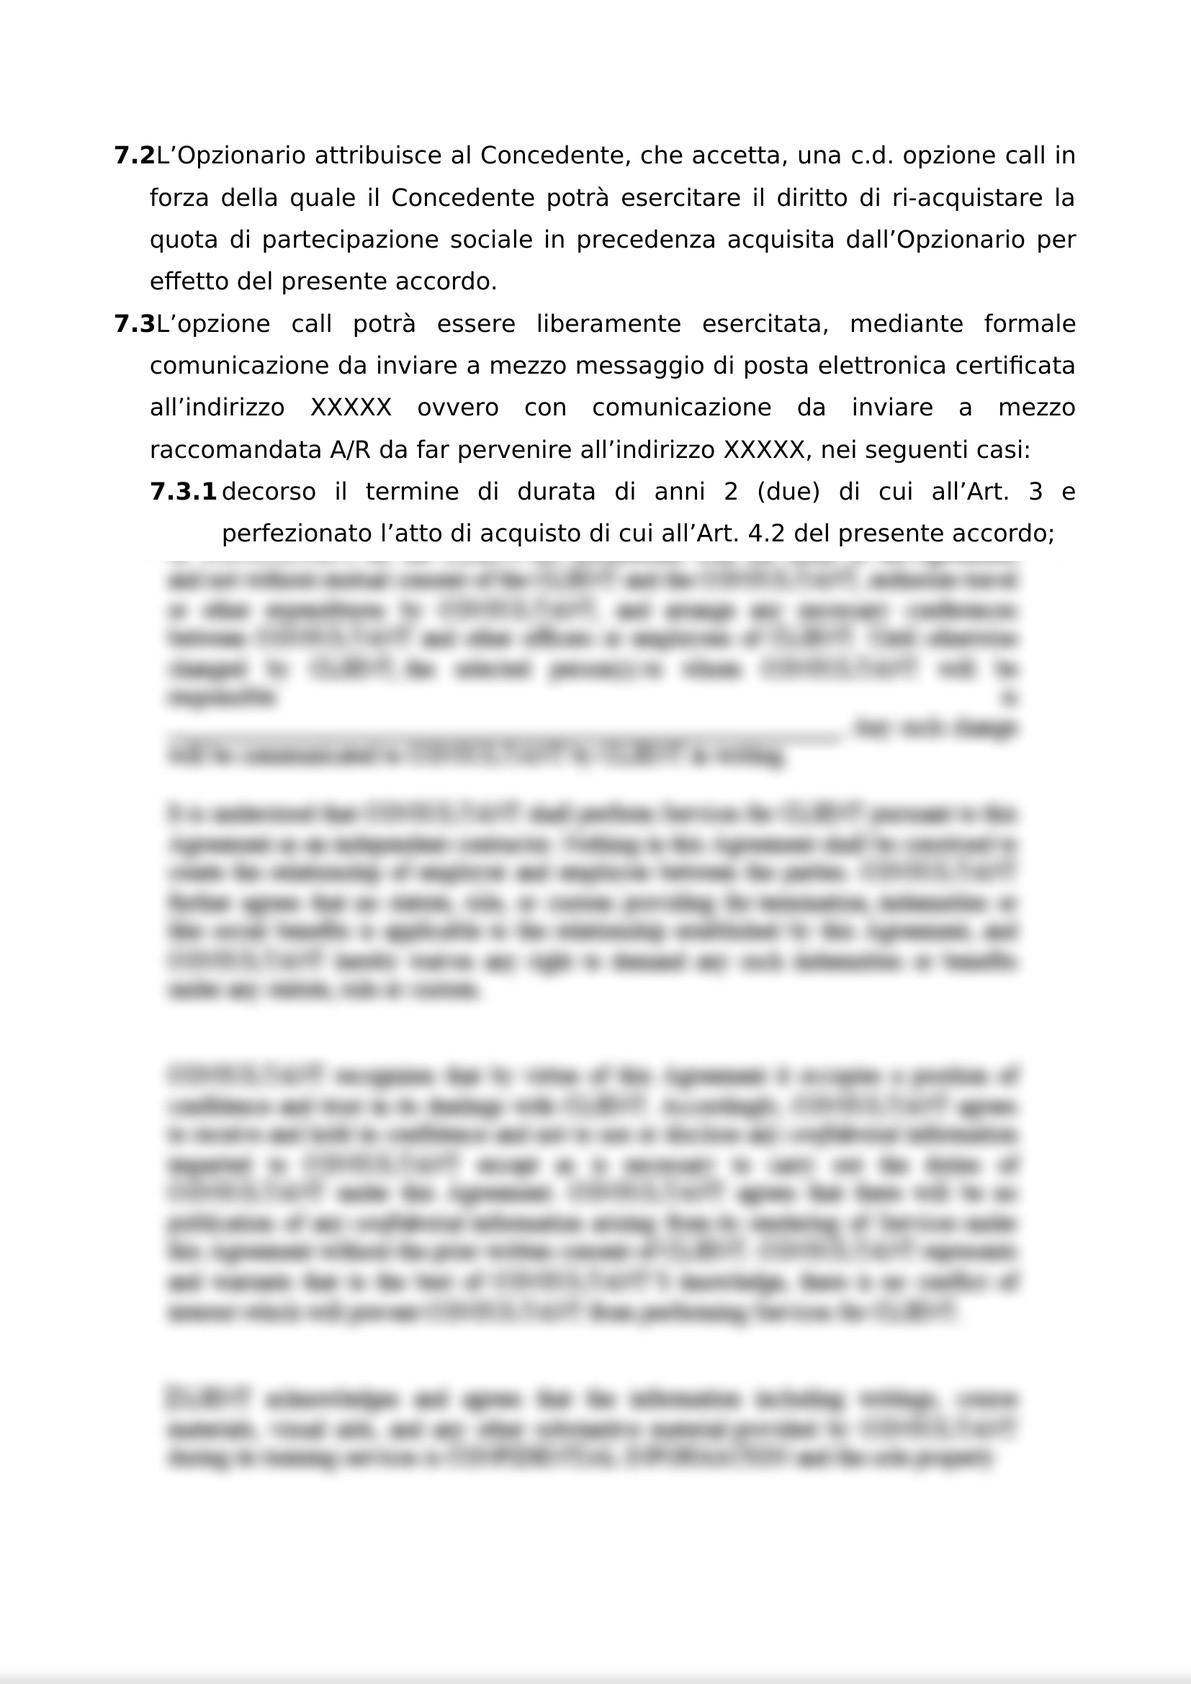 ACCORDO PER L'ATTRIBUZIONE DI DIRITTI DI OPZIONE DI ACQUISTO-8